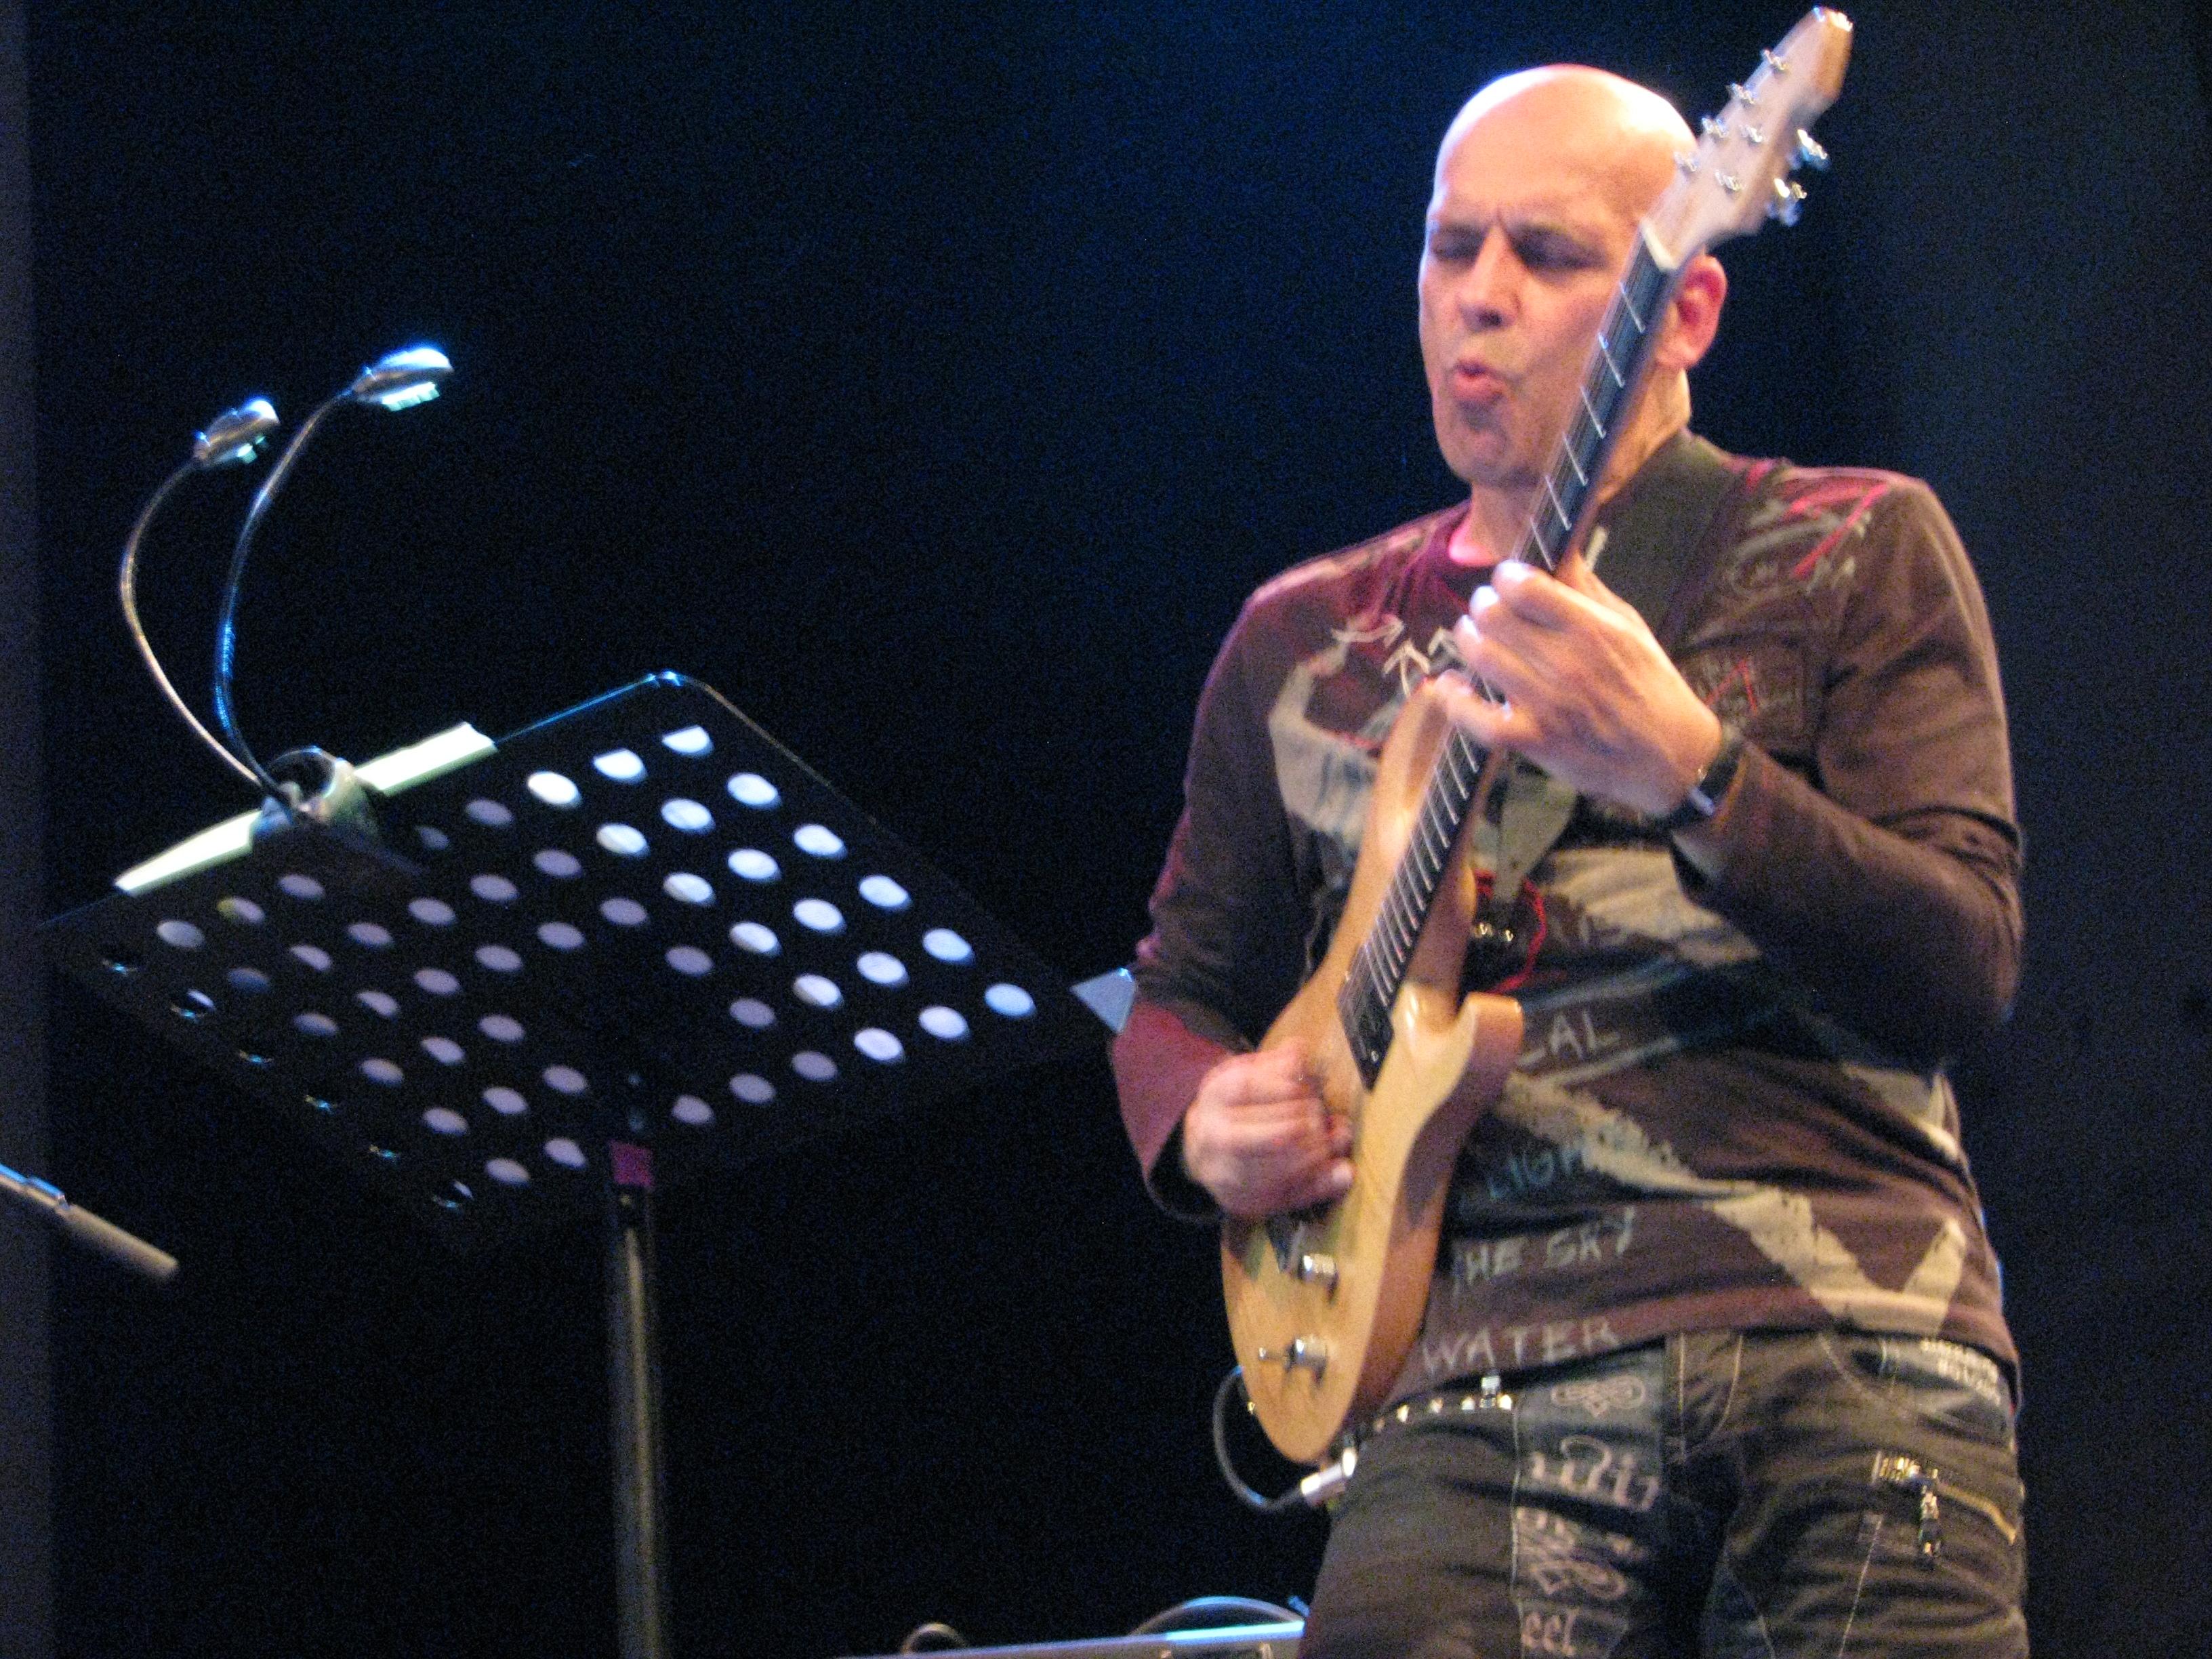 Marc ducret jazzdor berlin 2013